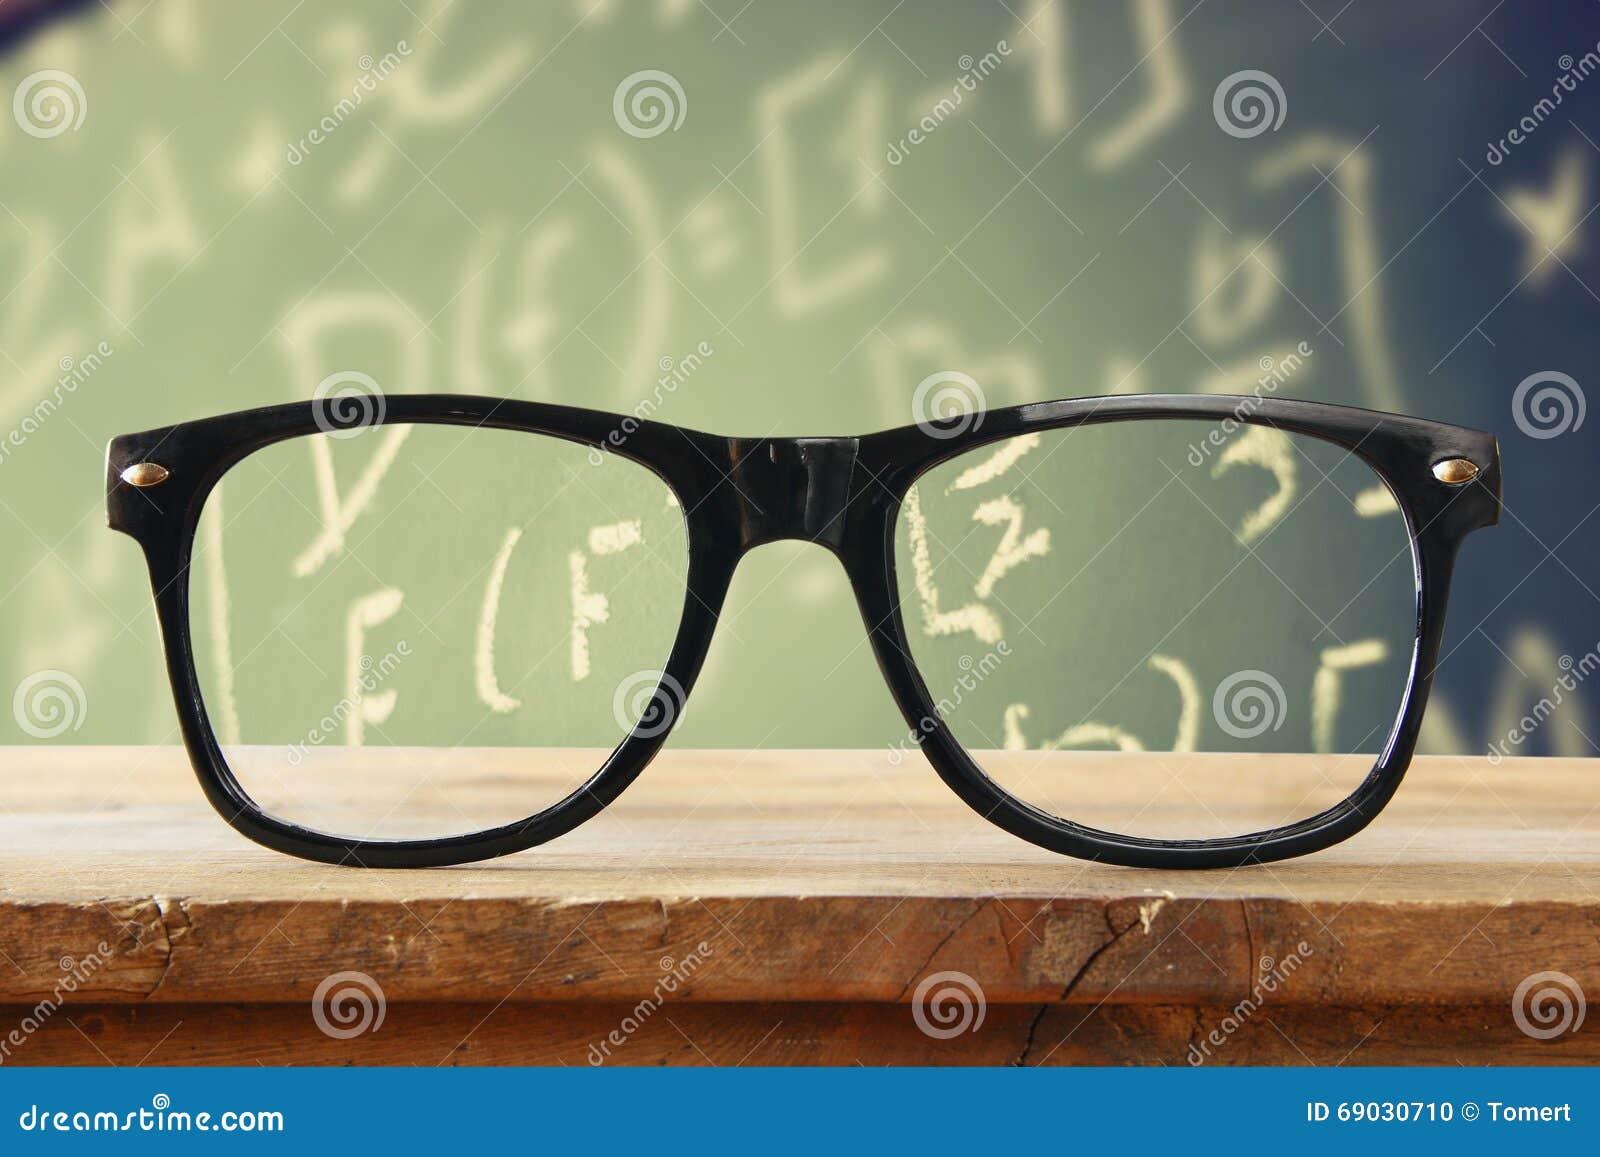 Hipsterglazen op een houten rustieke lijst vooraan bord met wiskundeformules en berekening Gefiltreerde wijnoogst